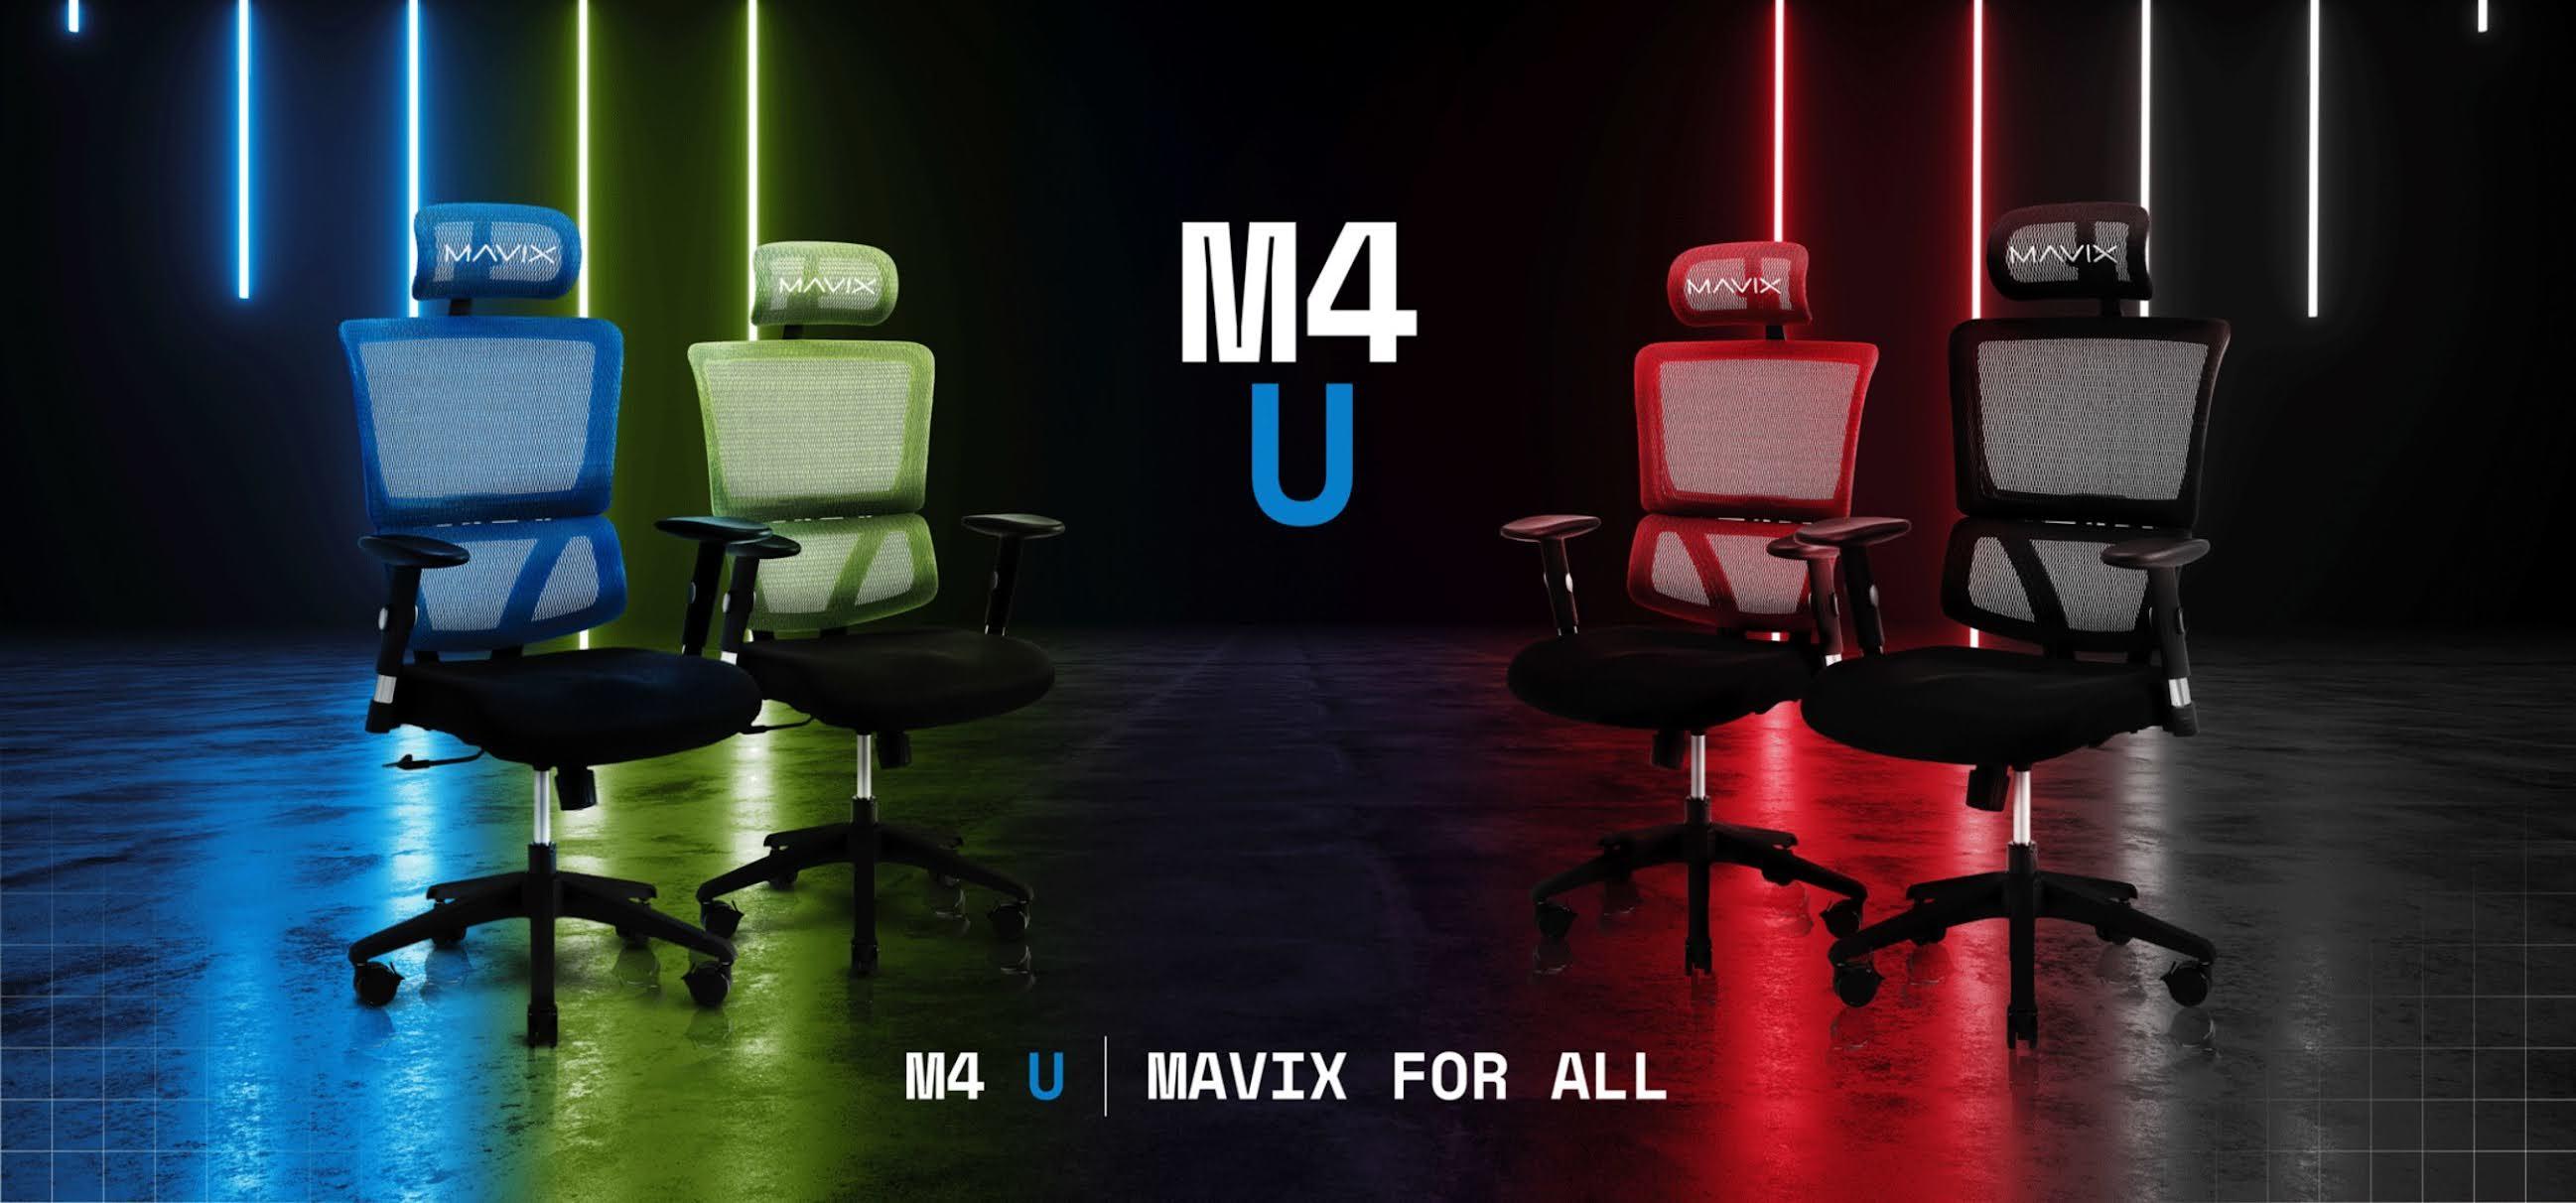 """Mavix Launches the """"Mavix For All"""" M4"""